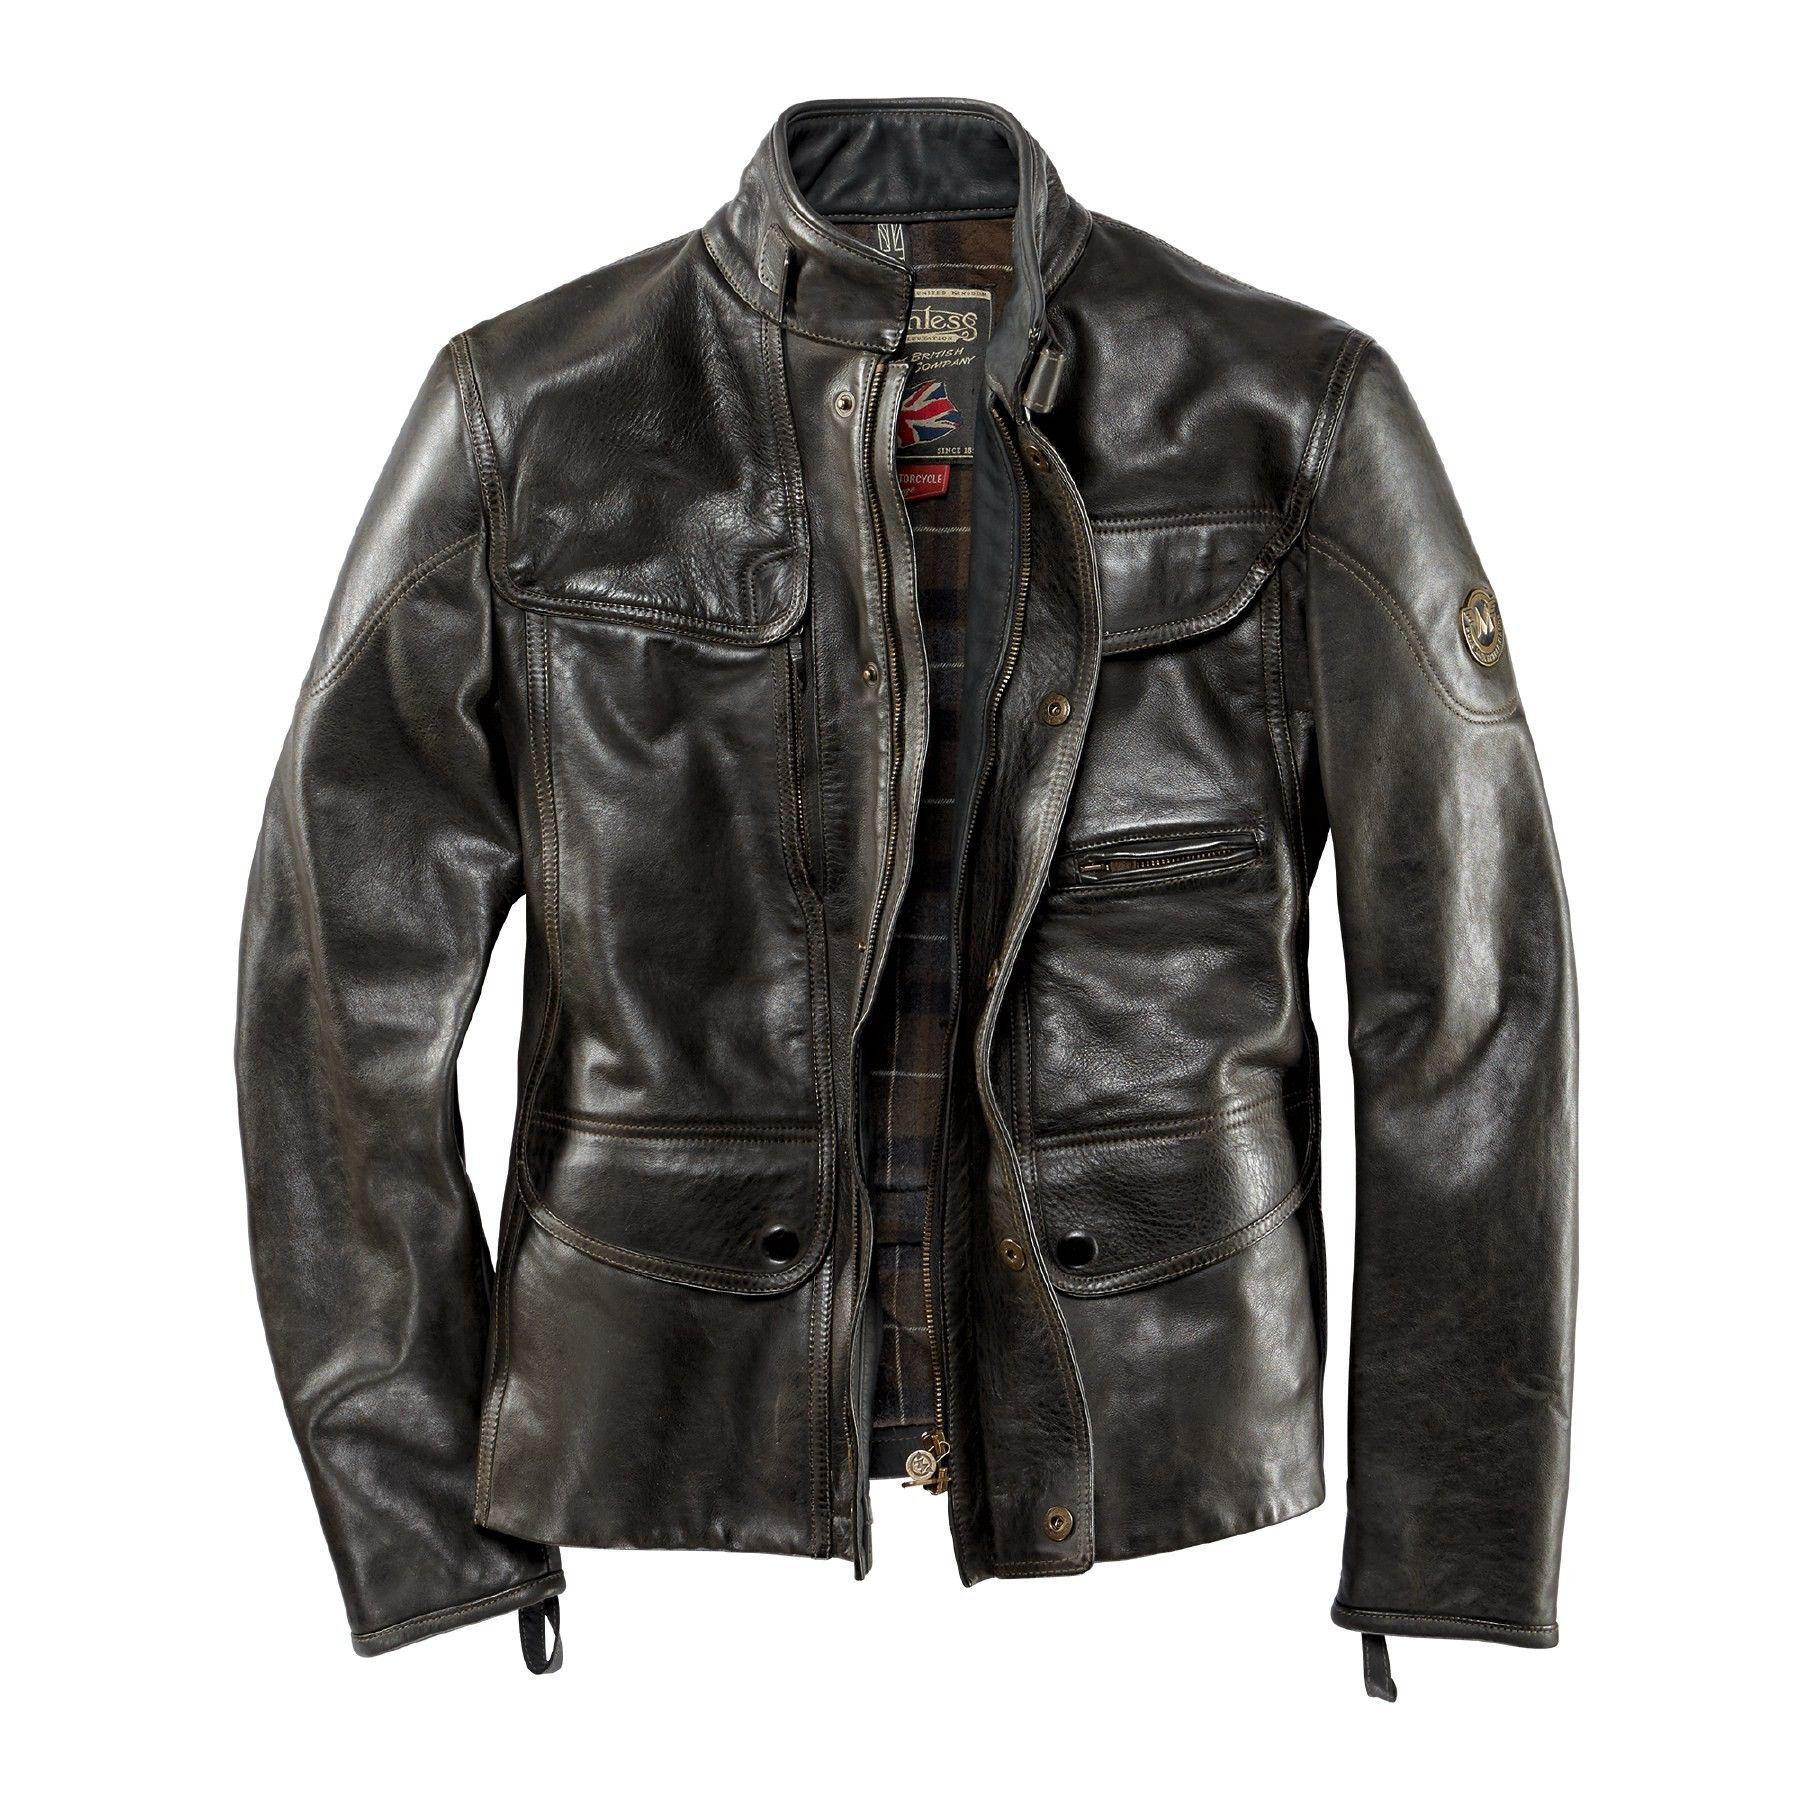 matchless lederjacke kensington jacket lederjacken in. Black Bedroom Furniture Sets. Home Design Ideas